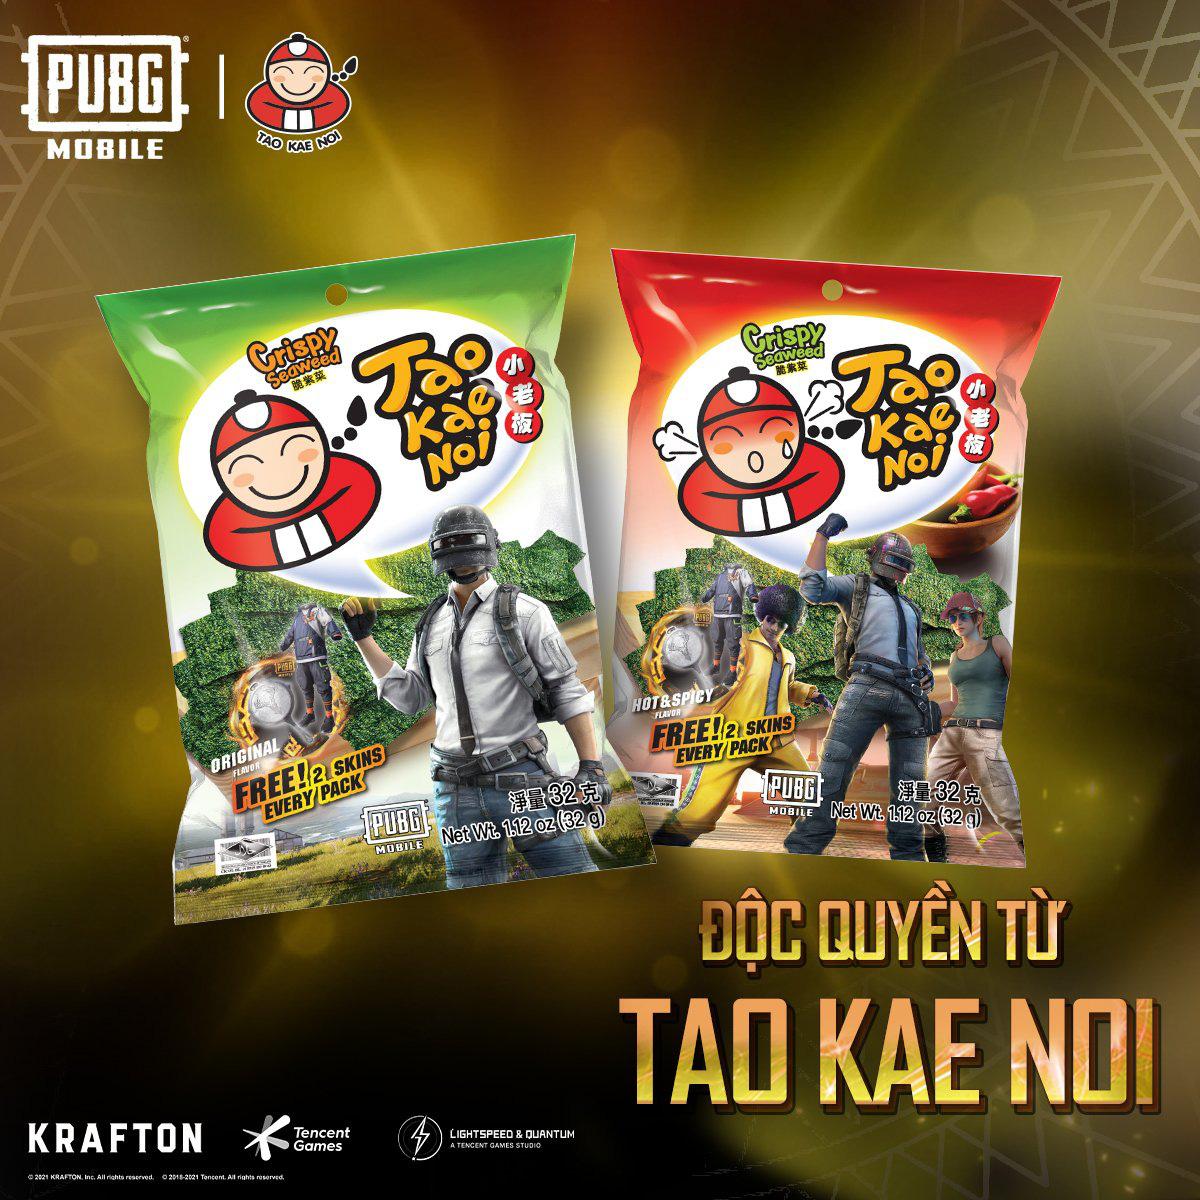 Đắm chìm trong chuỗi sự kiện hợp tác giữa PUBG Mobile và snack rong biển Tao Kae Noi - Ảnh 1.